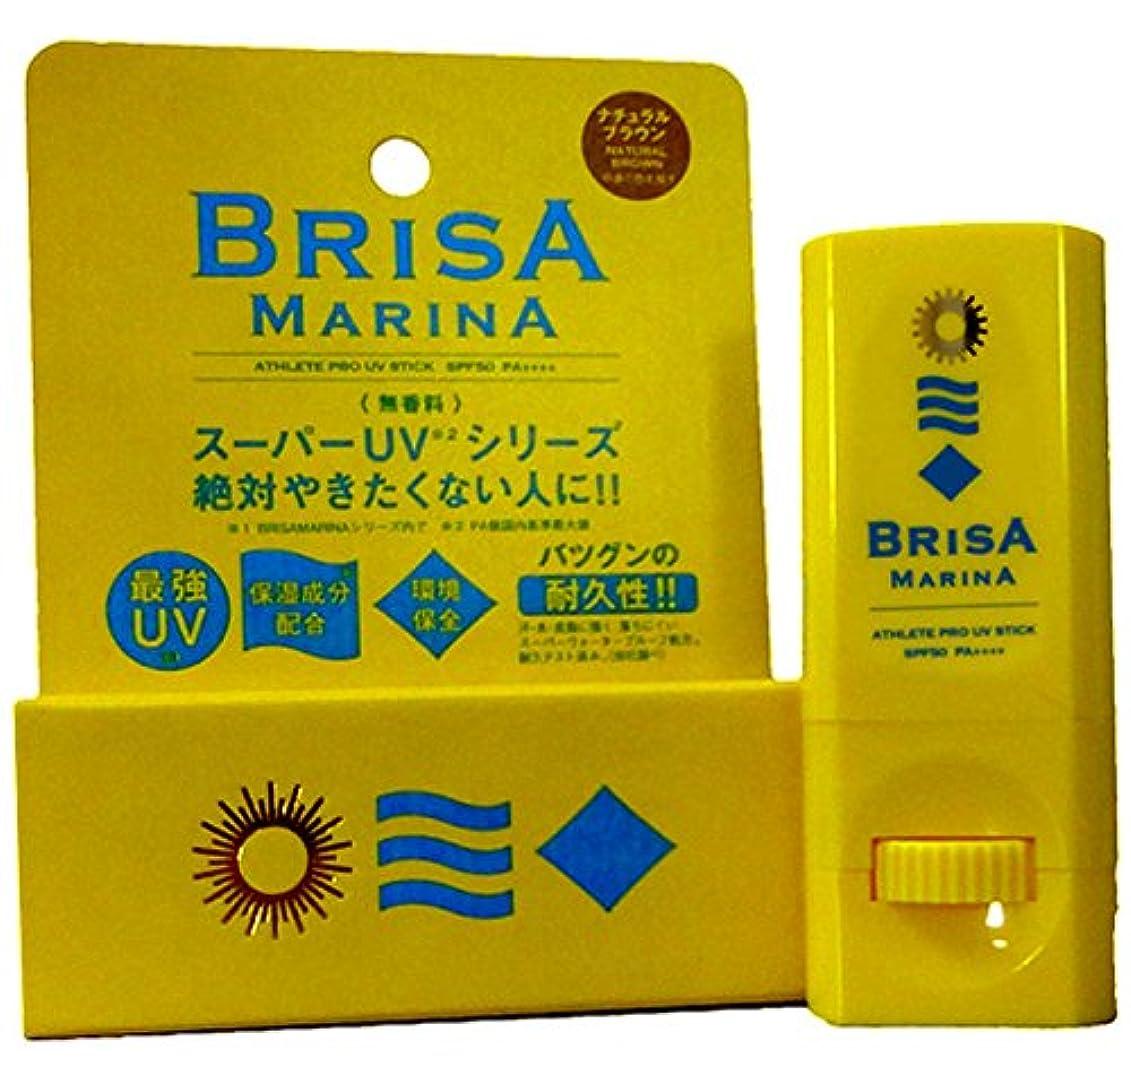 退化する大気恥BRISA MARINA(ブリサマリーナ) ATHLETE PRO UV STICK 10g 日焼け止め スティック (01-WHITE)